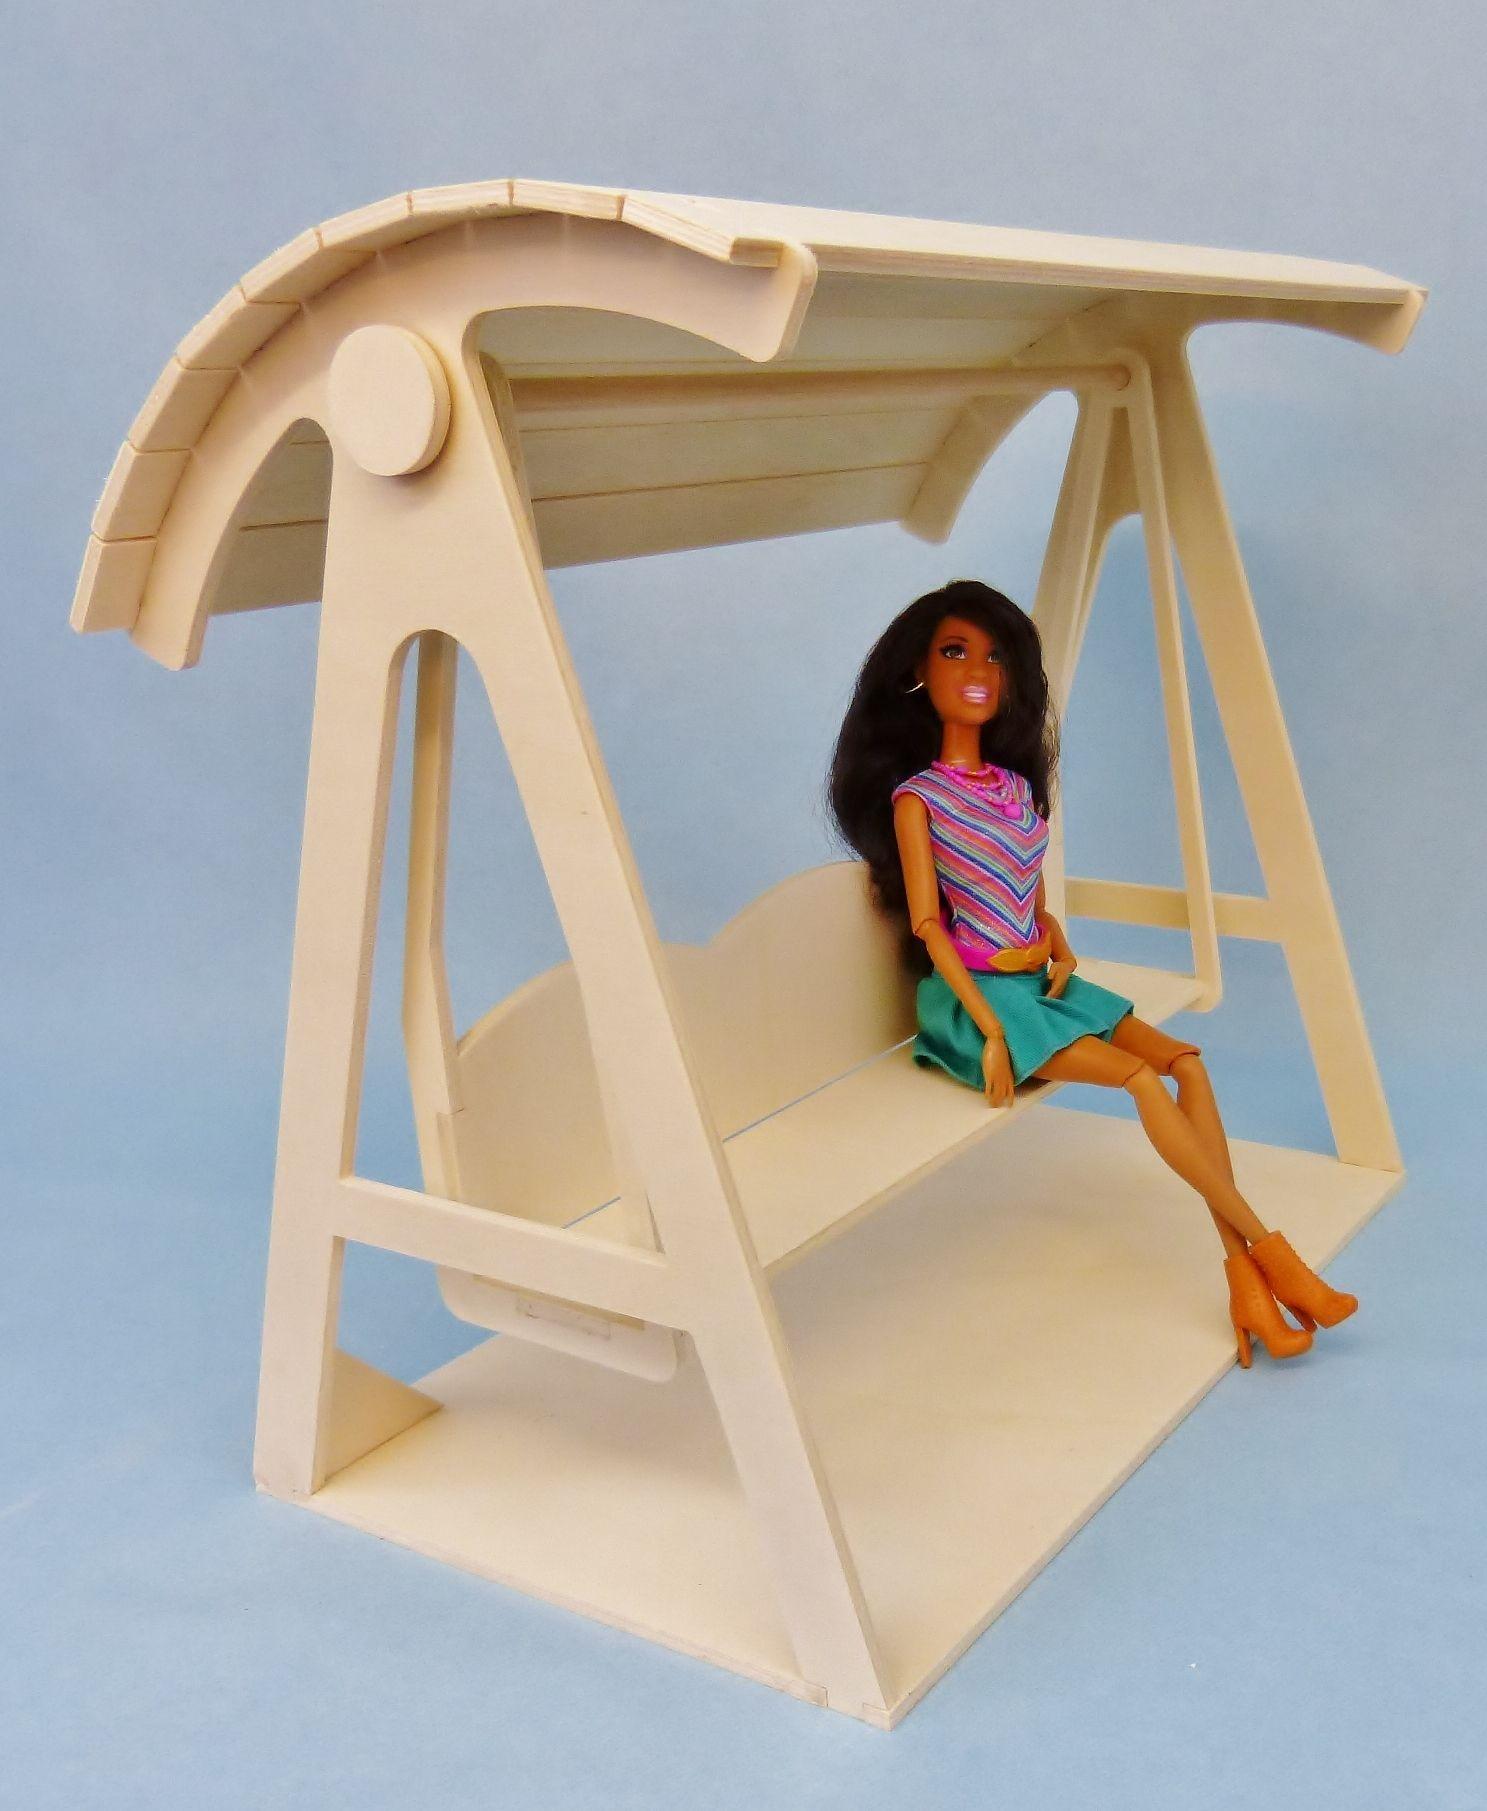 DIY - Mobilier de jardin : balancelle 1/6ème pour poupées ...